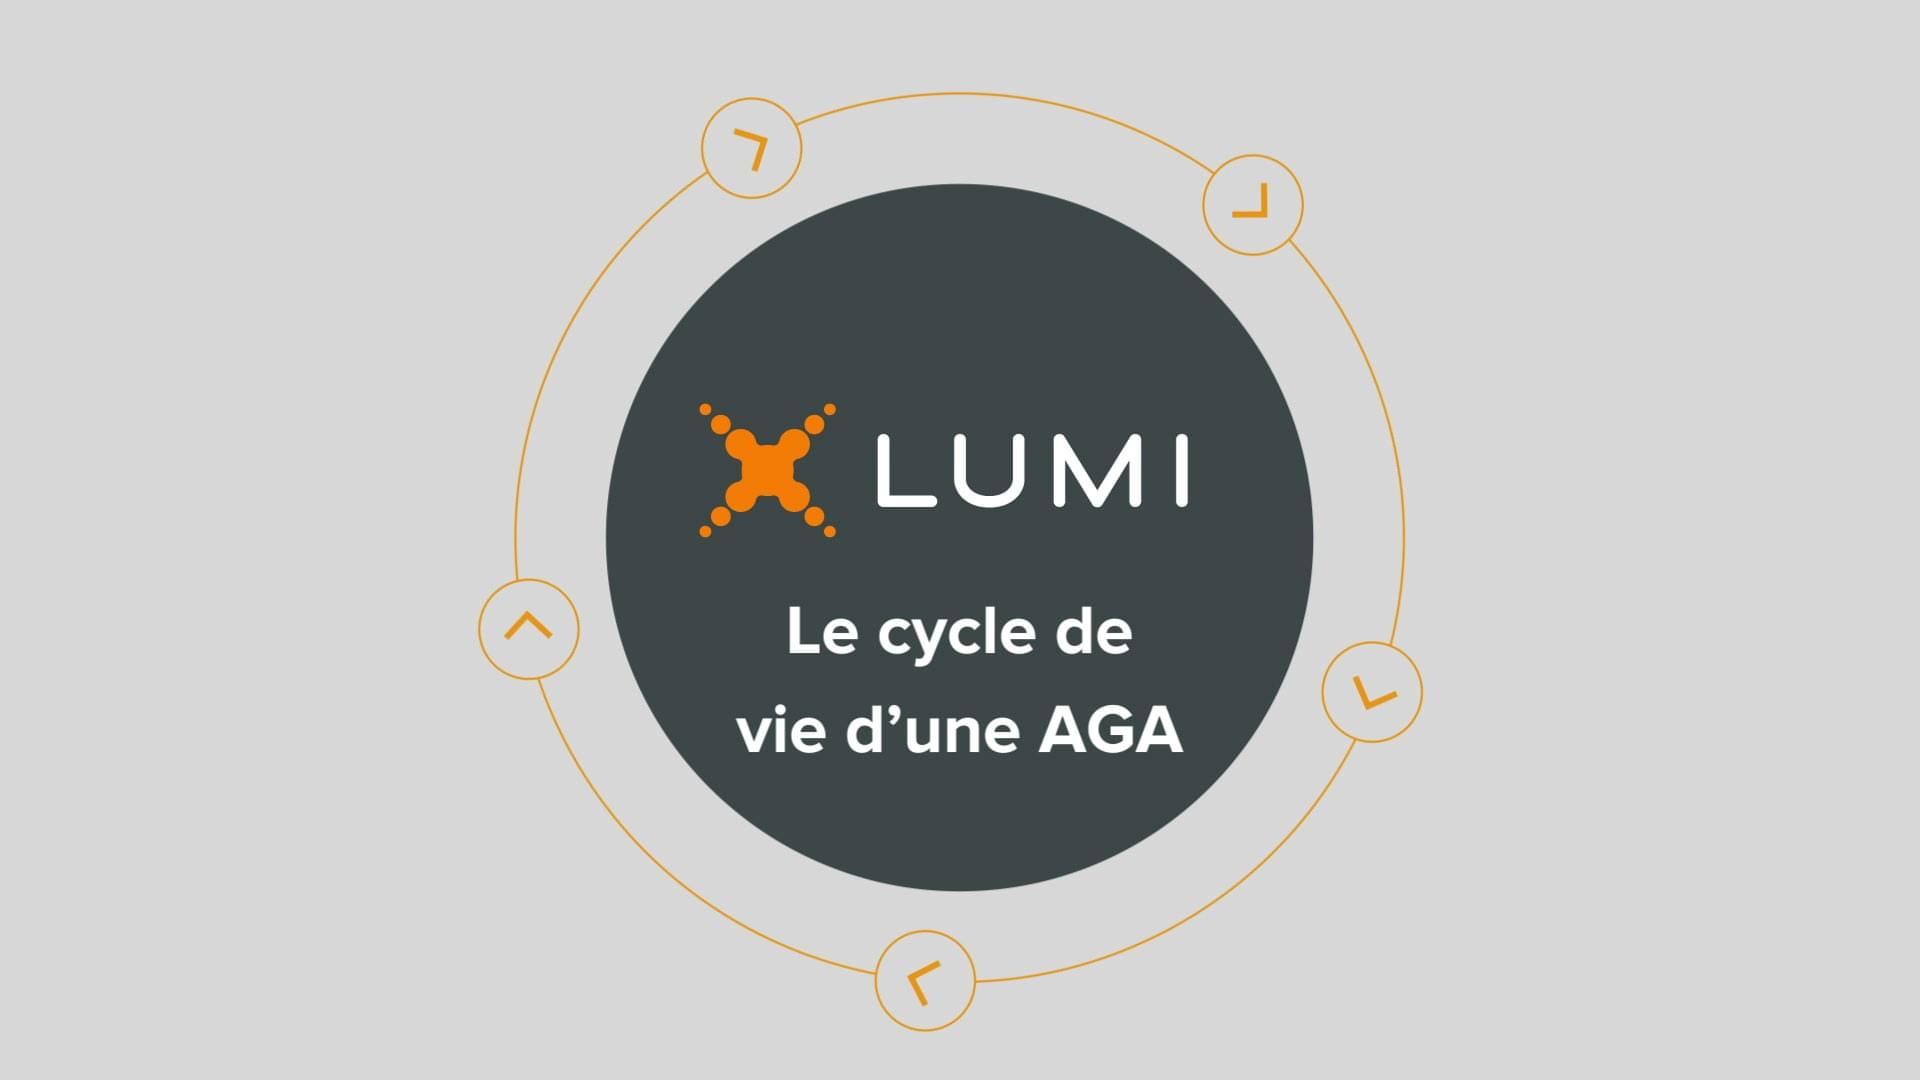 LumiAni-version-10-french-3